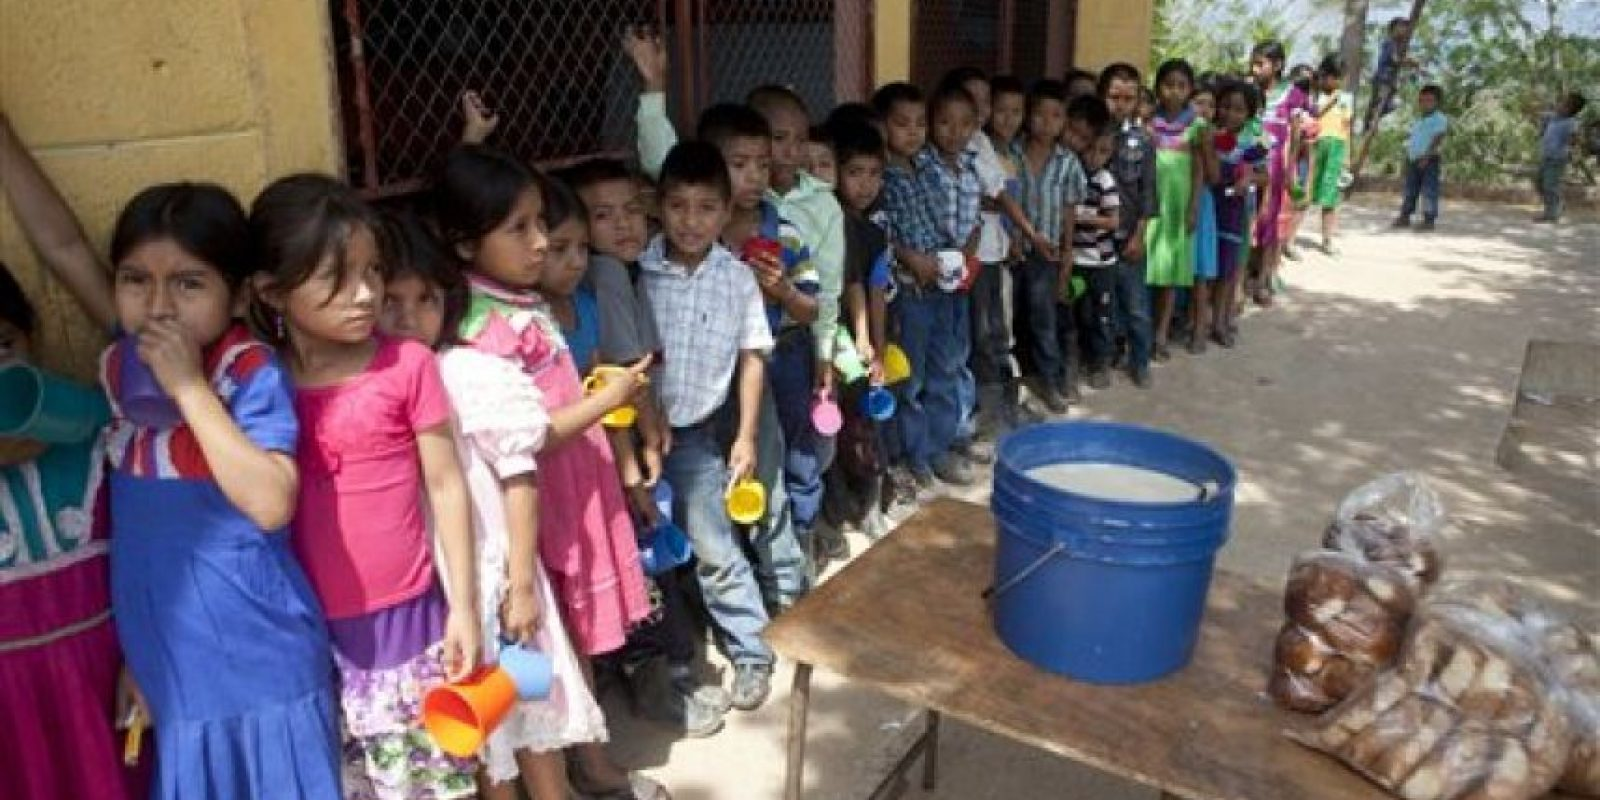 Estudiantes esperan que les llenen su taza con atole y les entreguen un pedazo de pan antes de iniciar con su jornada escolar en Guatemala. Foto:AP/ Archivo